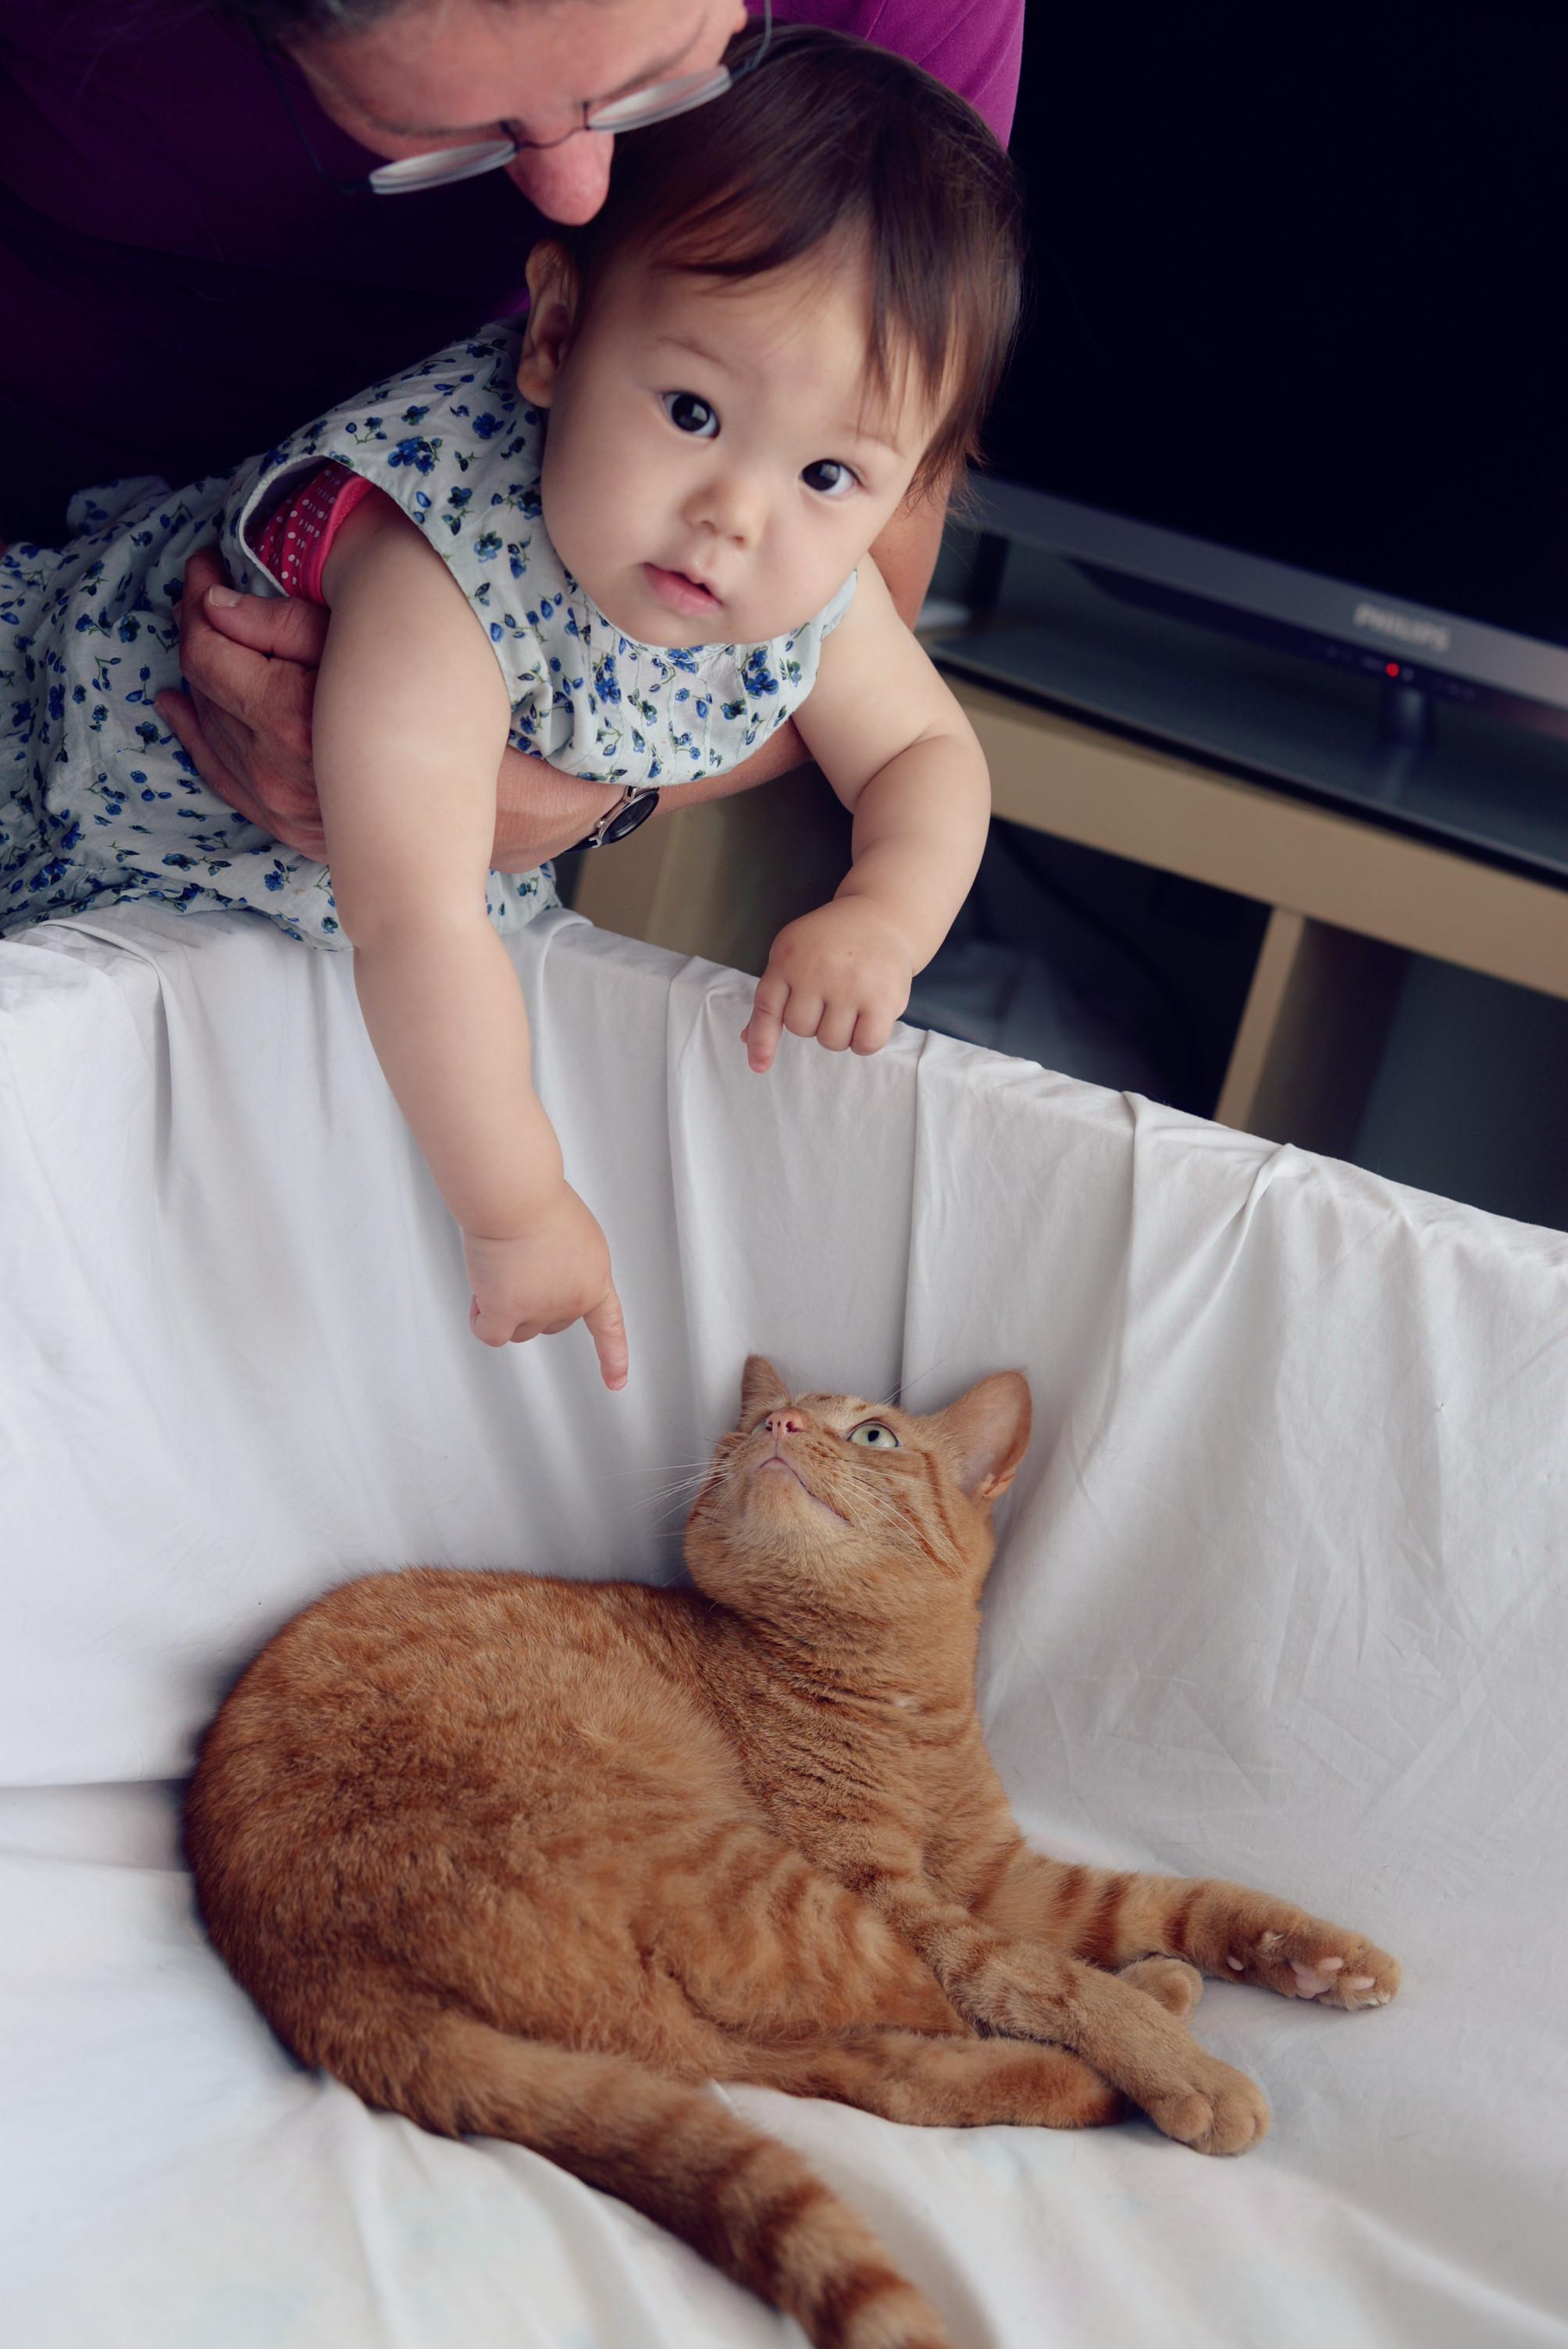 对大人们来说这对儿双胞胎新生儿是焦点,对我来说还是小猫咪最好玩儿.